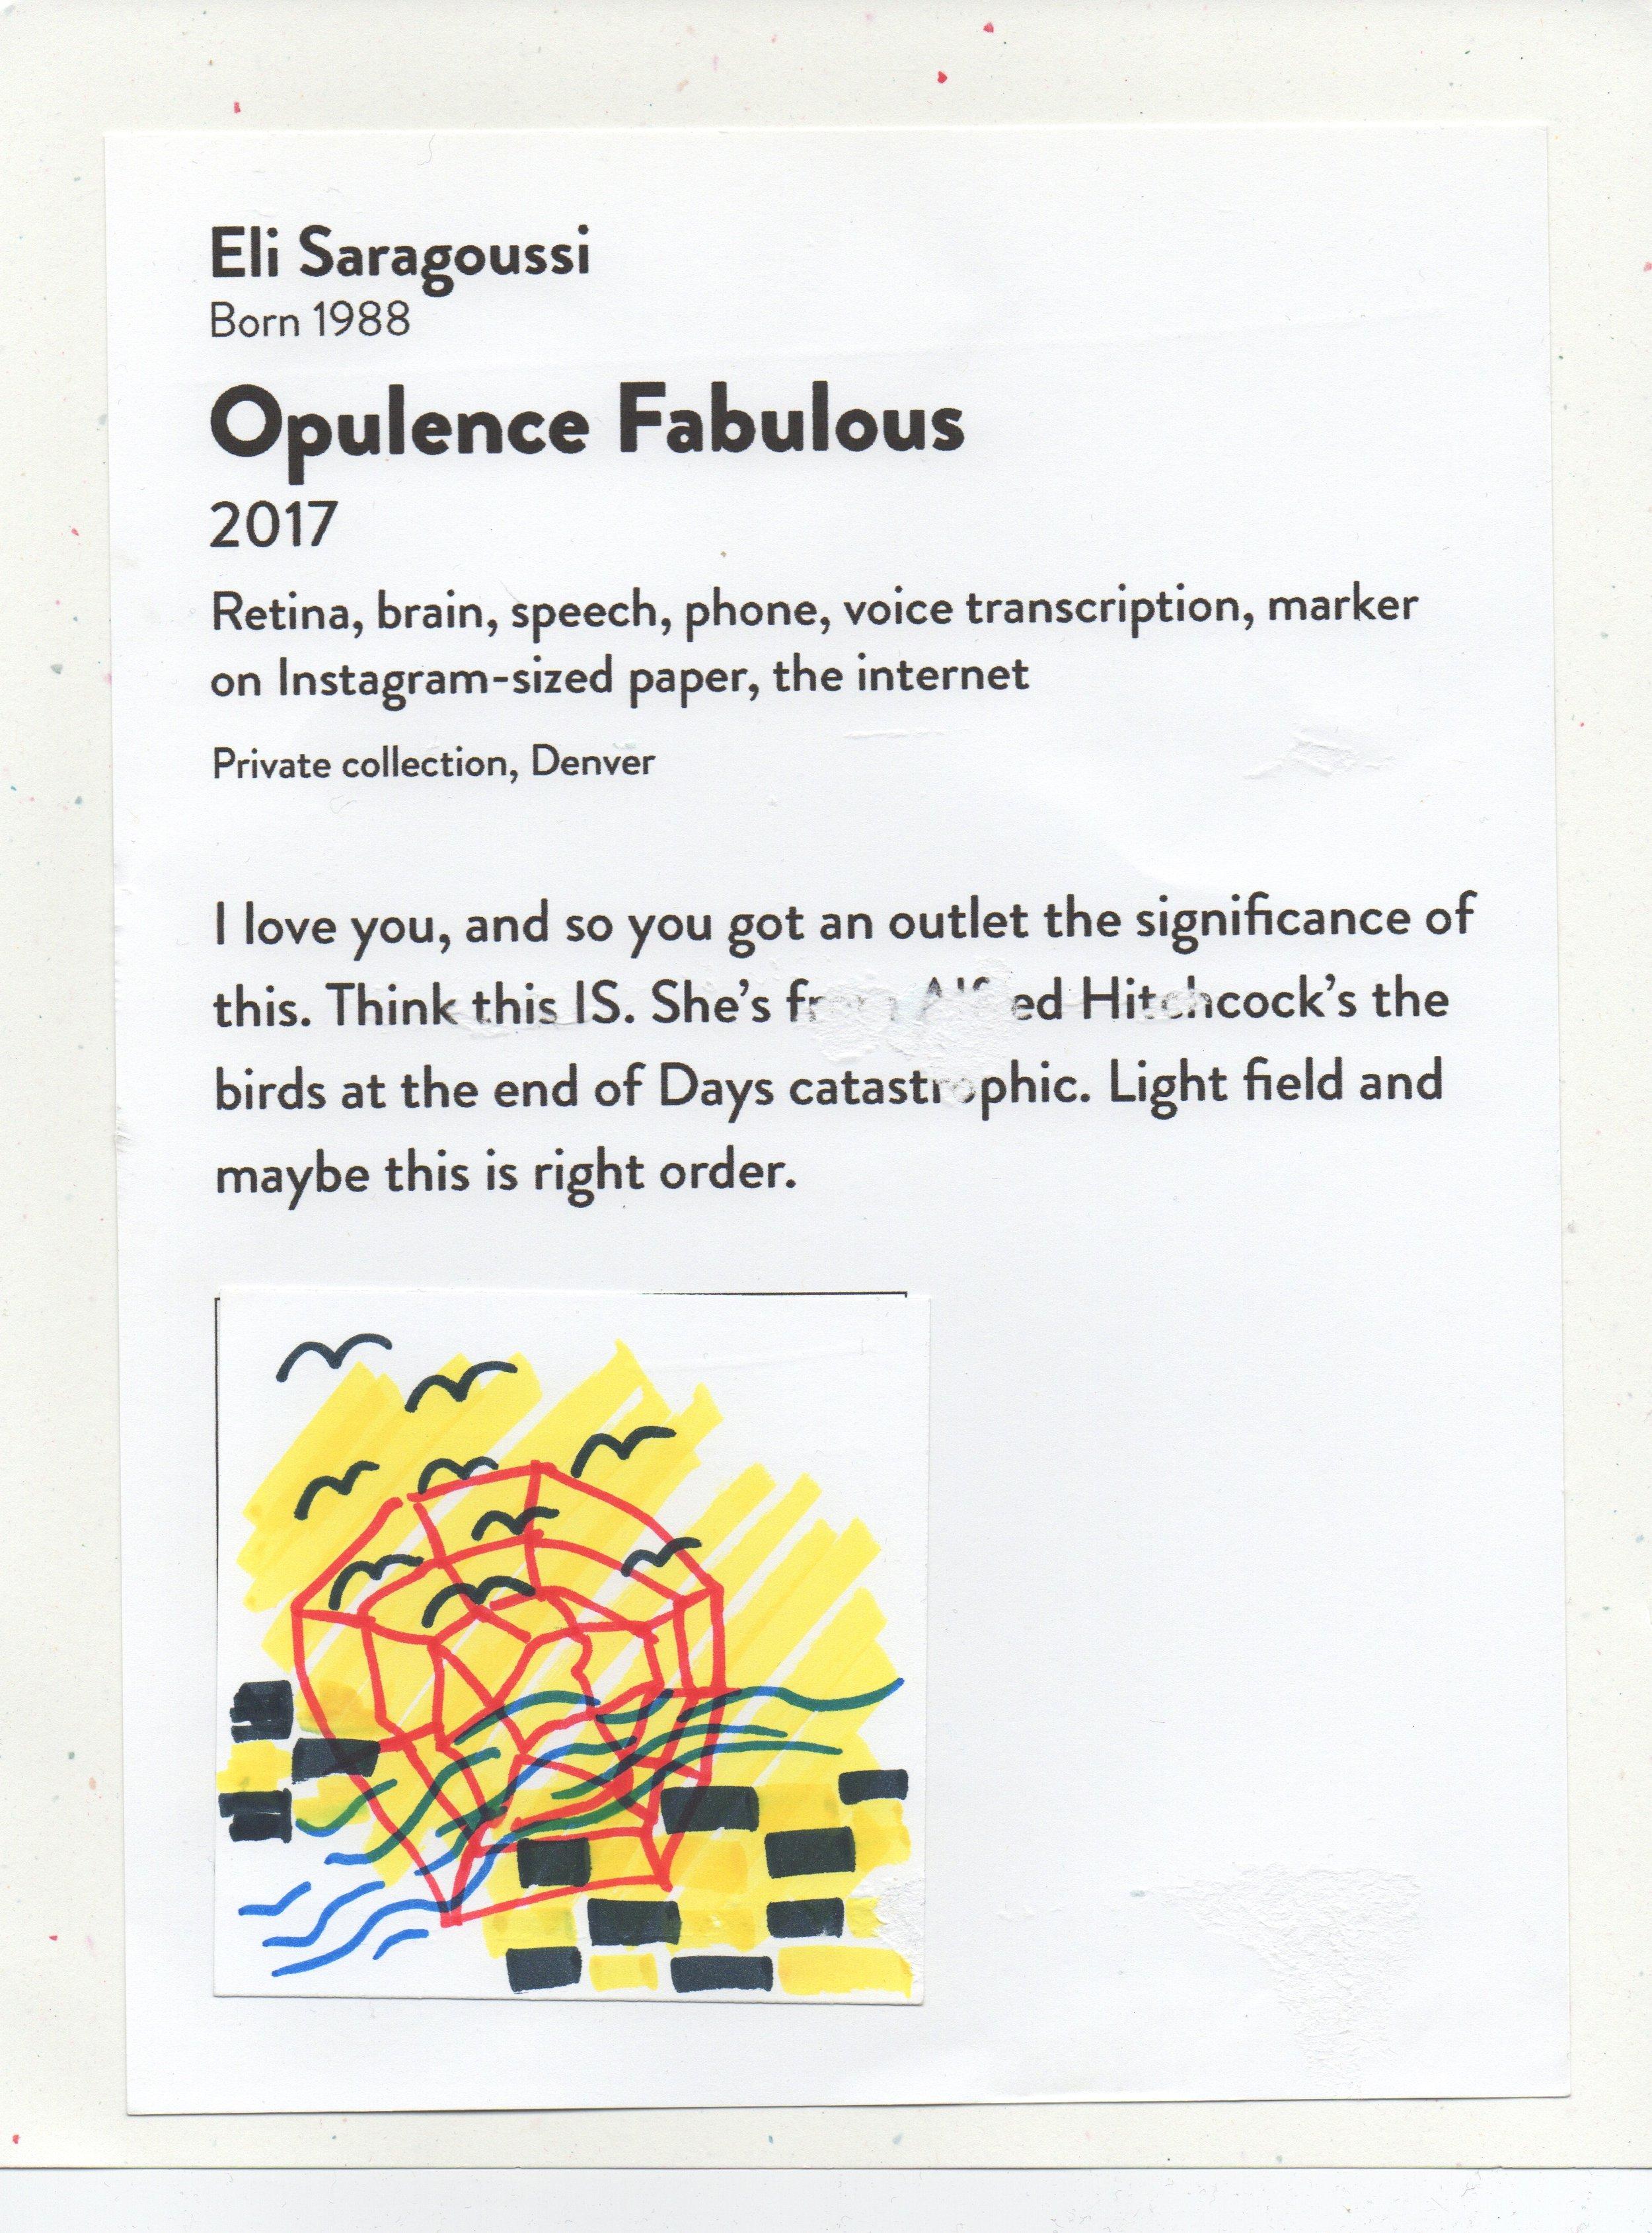 Opulence Fabulous DAM Untitled April 28, 2017.jpeg